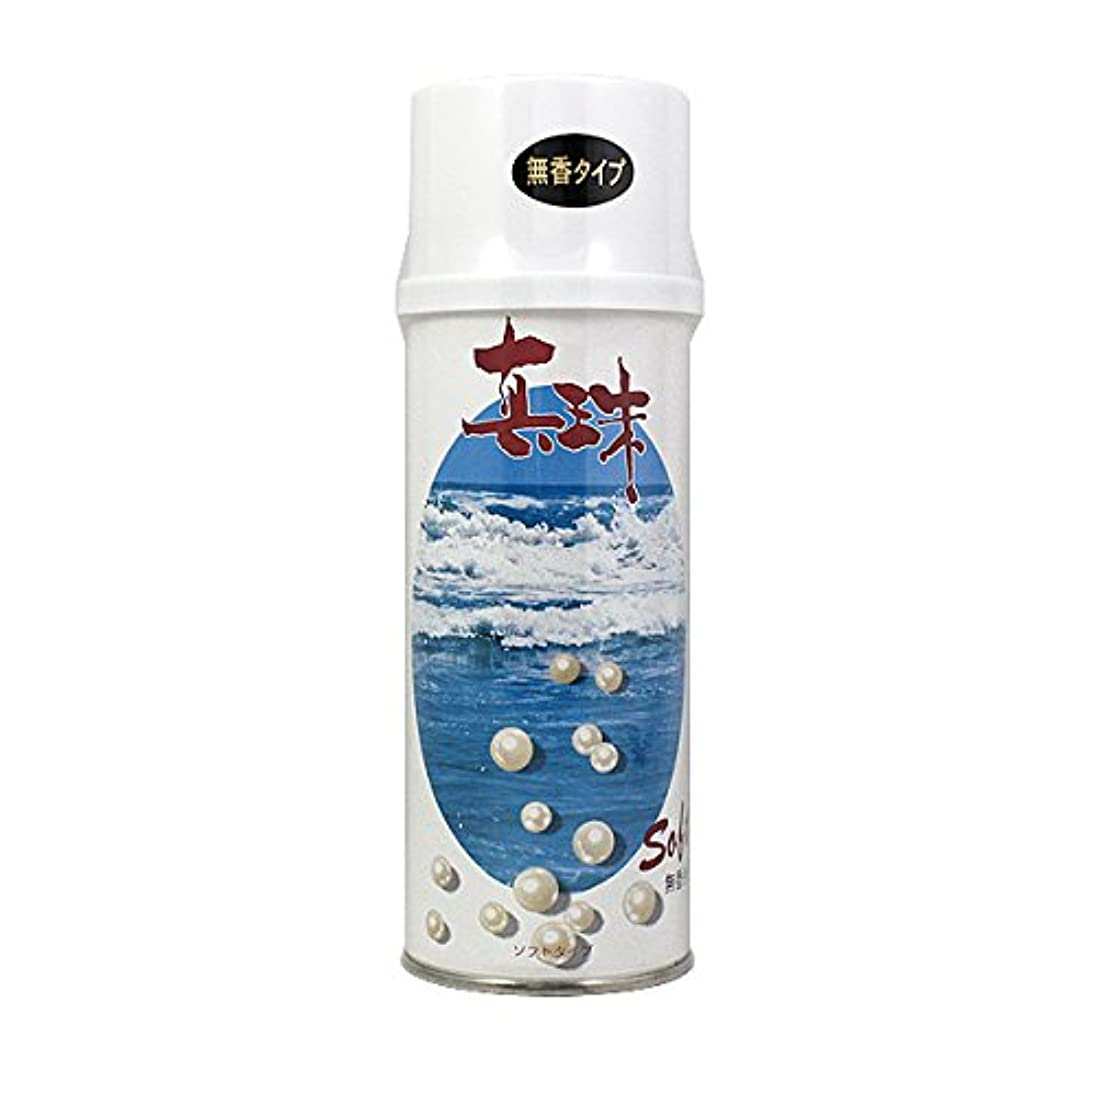 パッチお茶パンチナターシャ 真珠 スプレー レギュラー 無香タイプ ソフト 容量280g